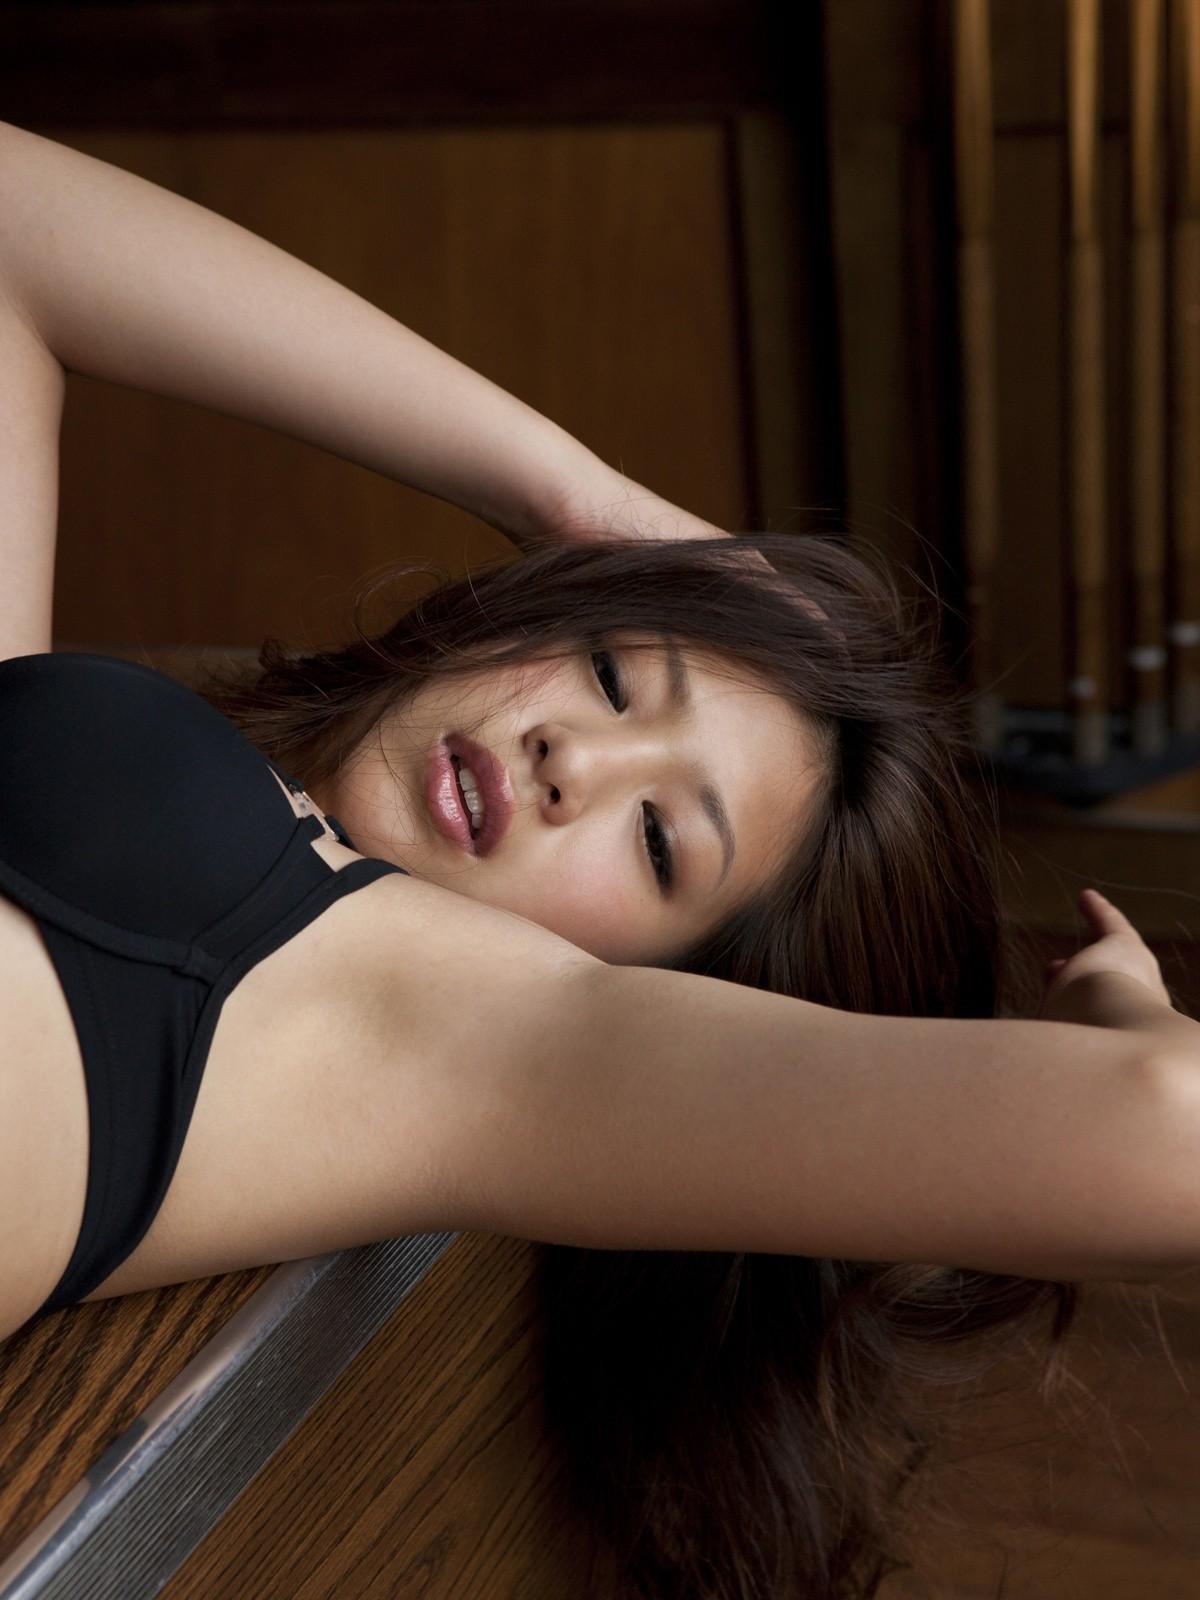 【腋フェチエロ画像】生乳はいいから…百歩譲っても舐めたい美女の腋www 19